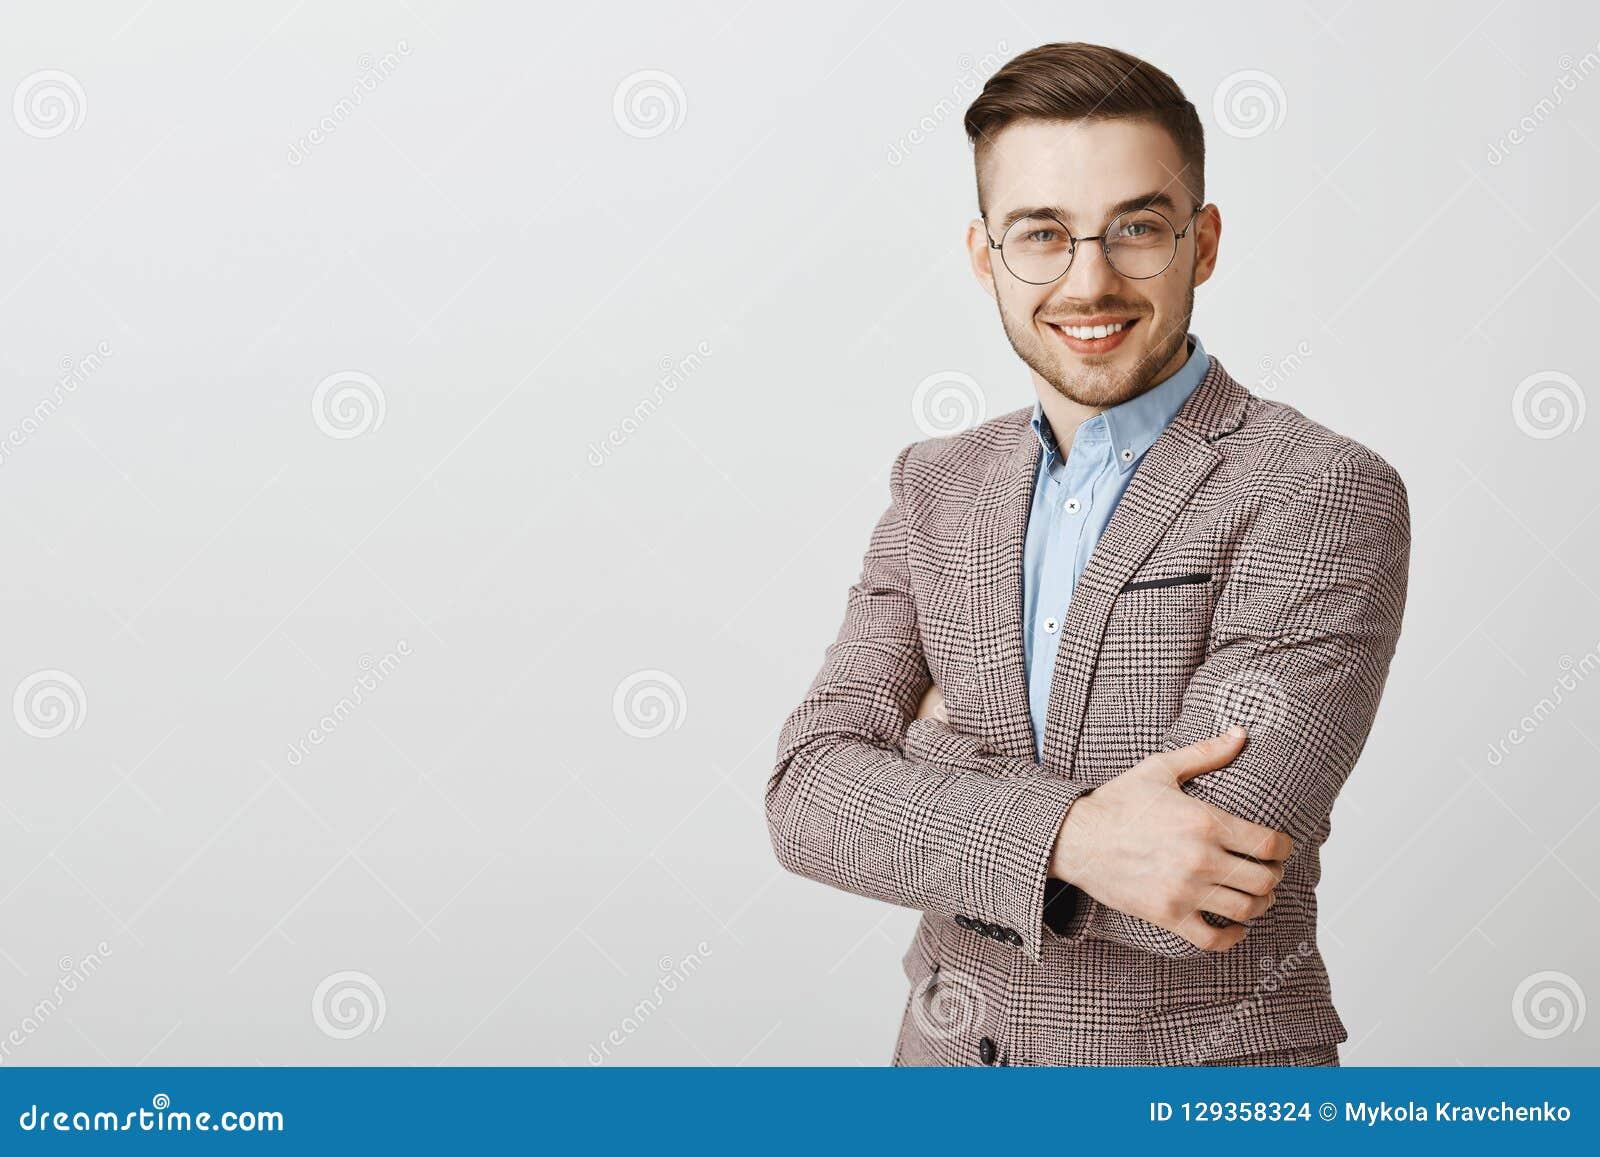 Ambitiös smart och intelligent snygg europeisk manlig entreprenör i exponeringsglas och stilfull omslagskorsning händer på